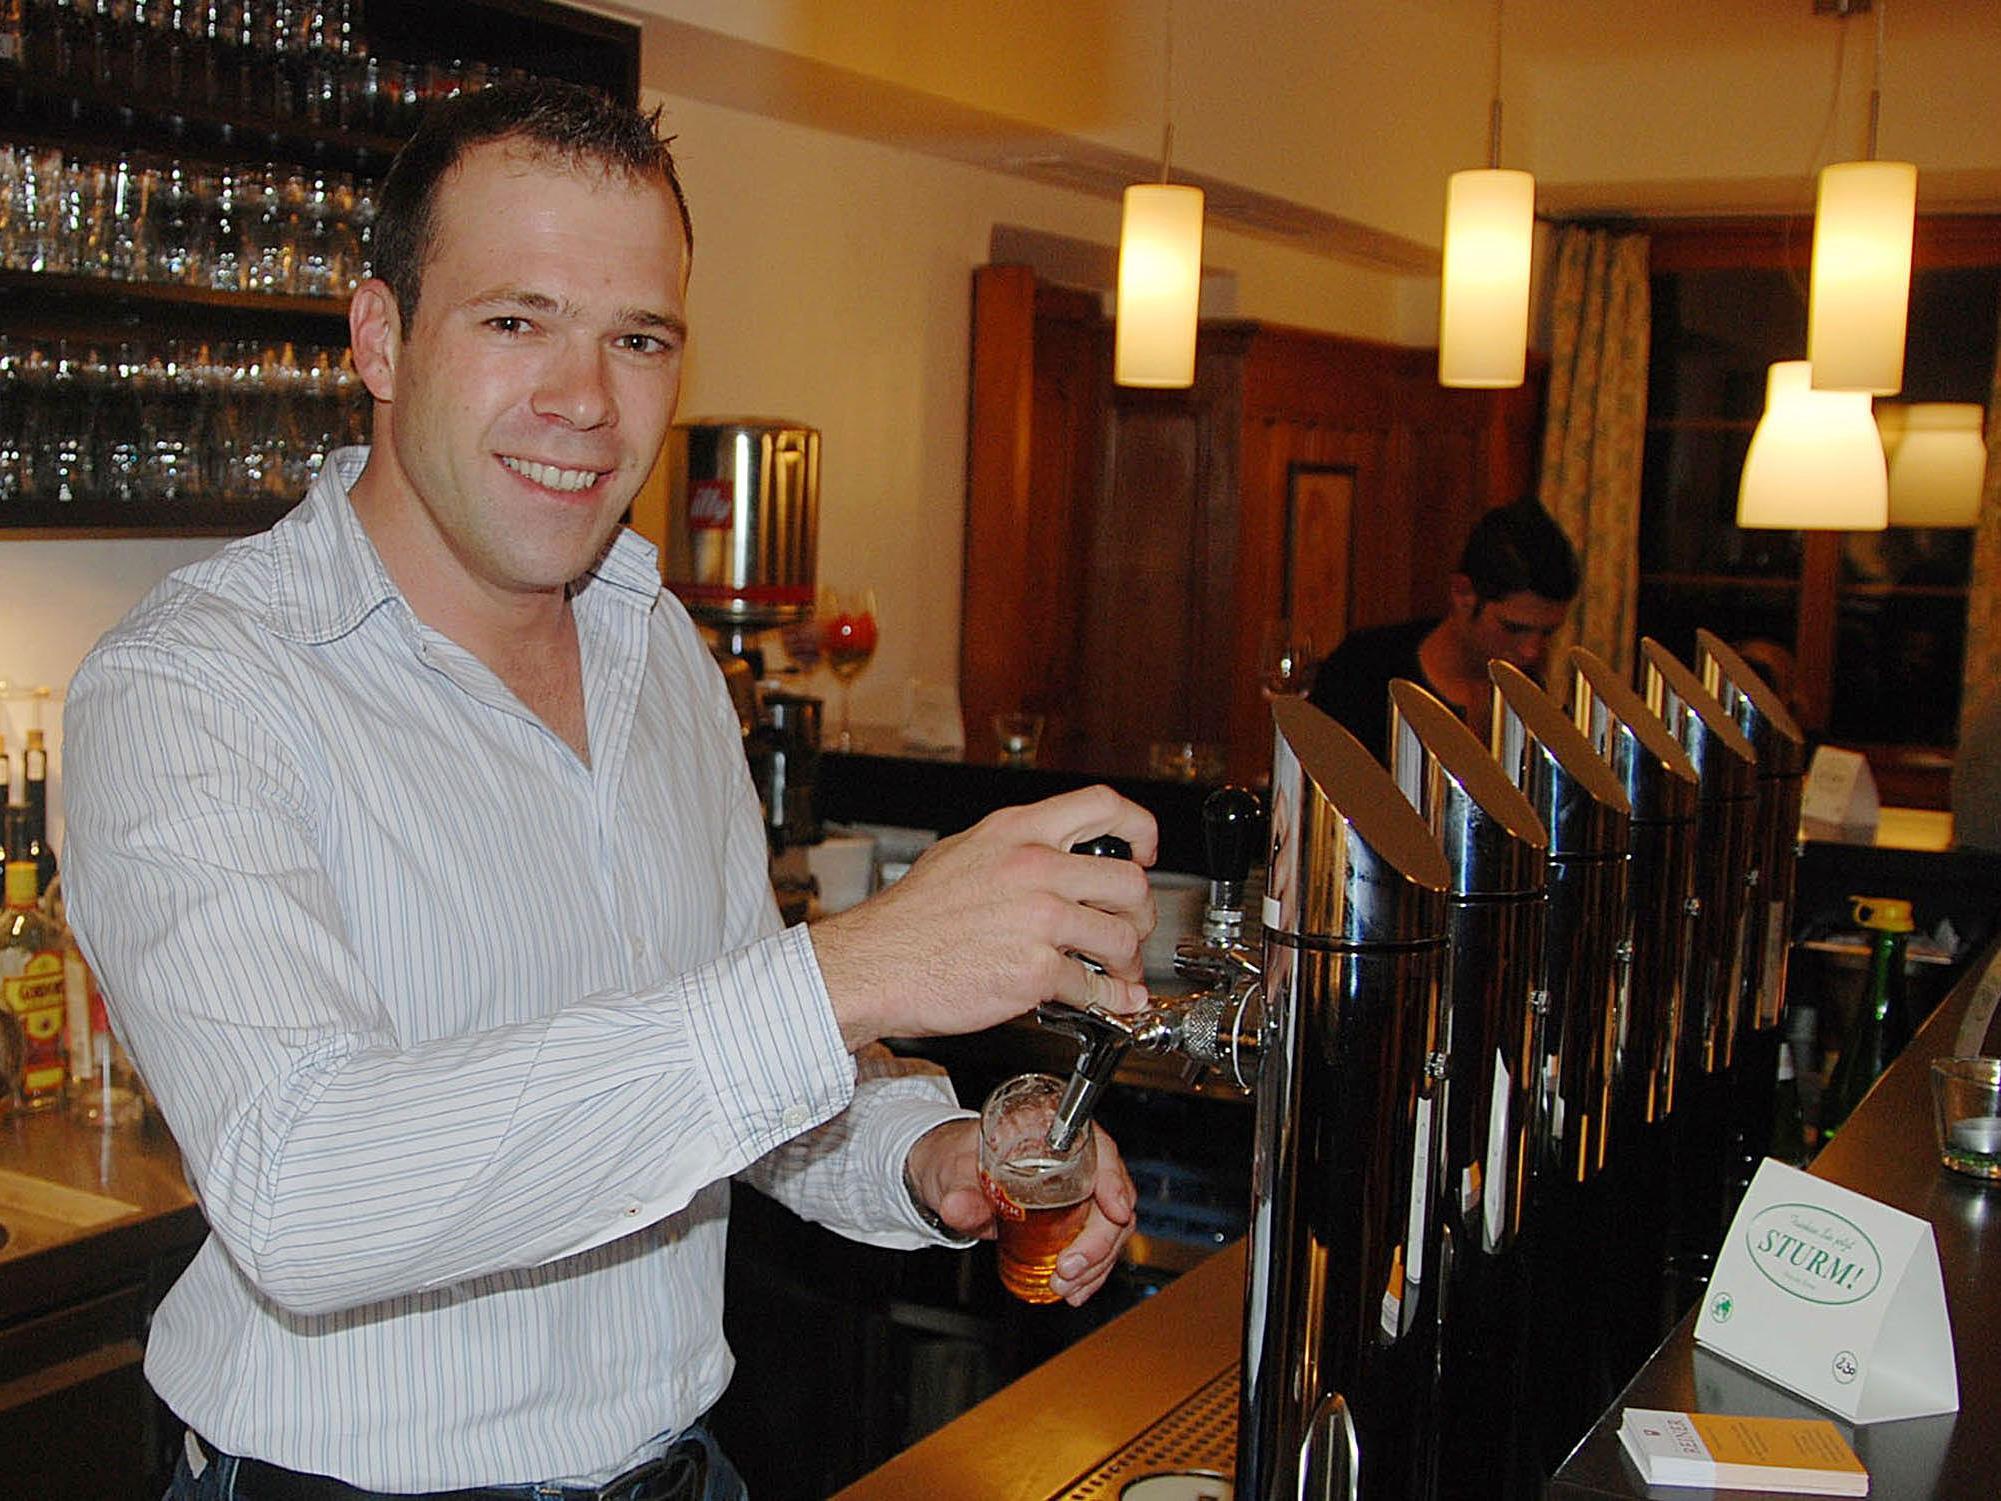 Am 22. März feiert Philipp Rainer sein fünfjähriges Jubiläum als Wirt vom Brauereigasthof Reiner.